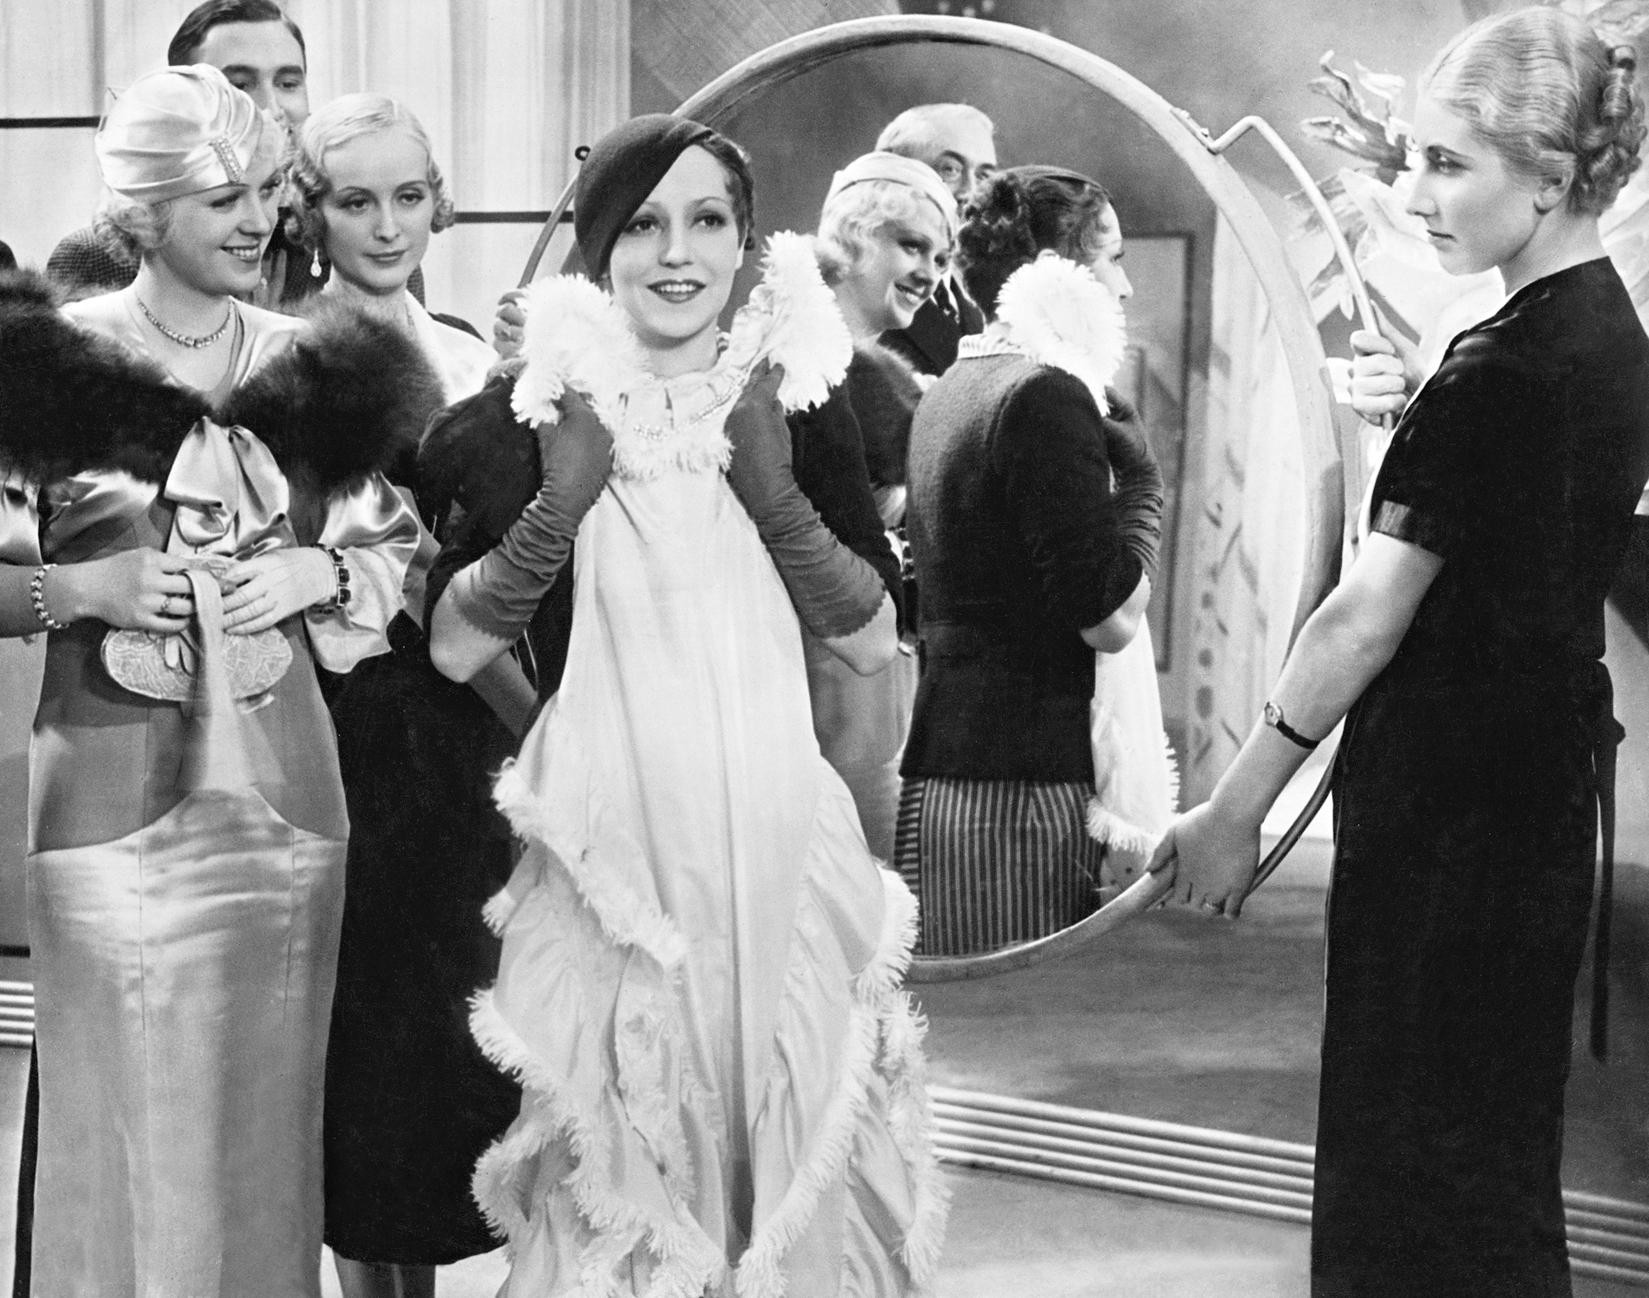 Gretl Theimer and Käthe von Nagy in Einmal eine große Dame sein (1934)